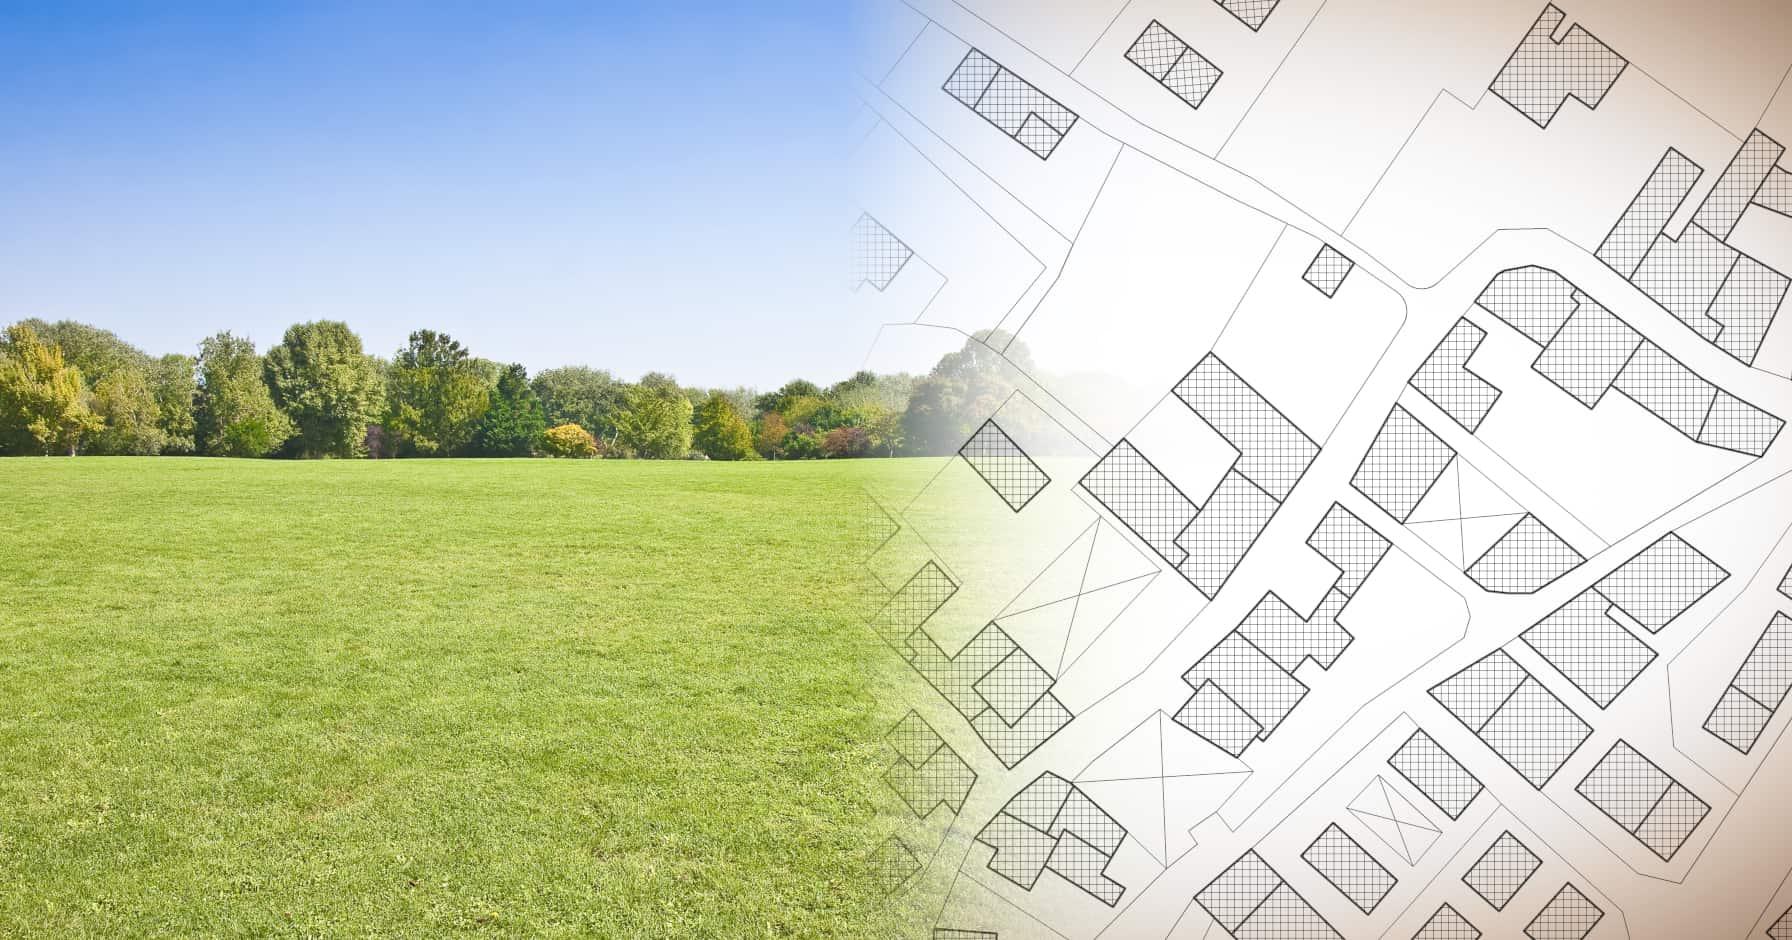 Ermitteln Sie Einen Realistischen Wert Für Das Bauland Vermietet